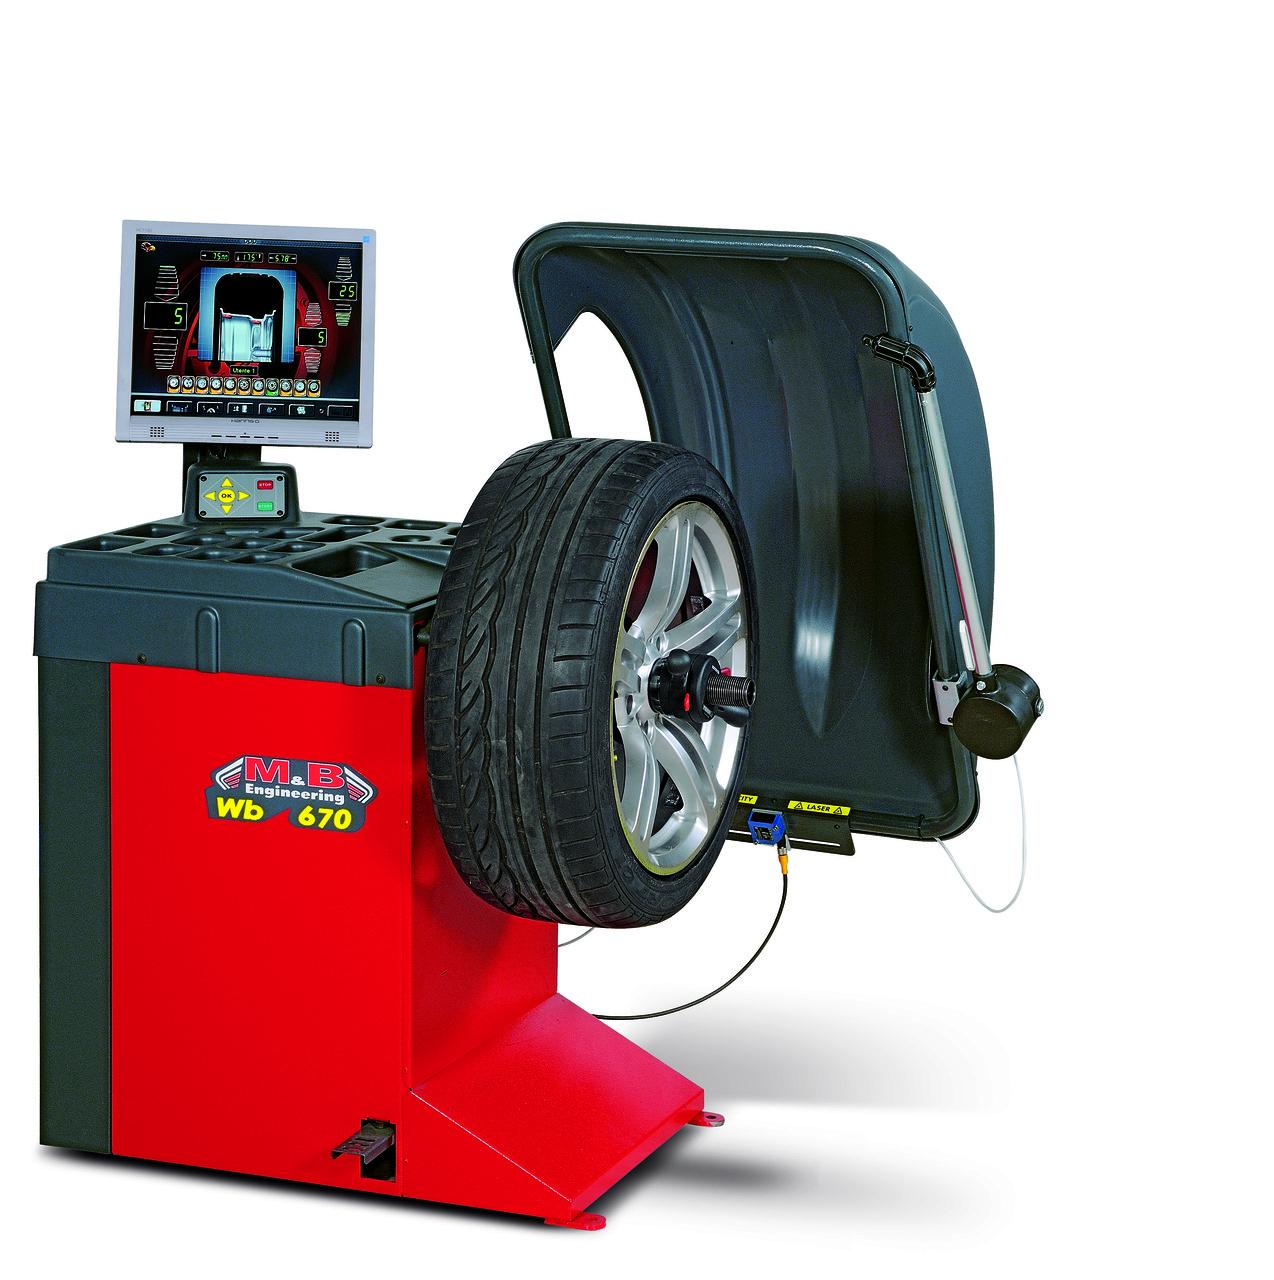 Балансировочный станок автомат WB670 M&B Engineering